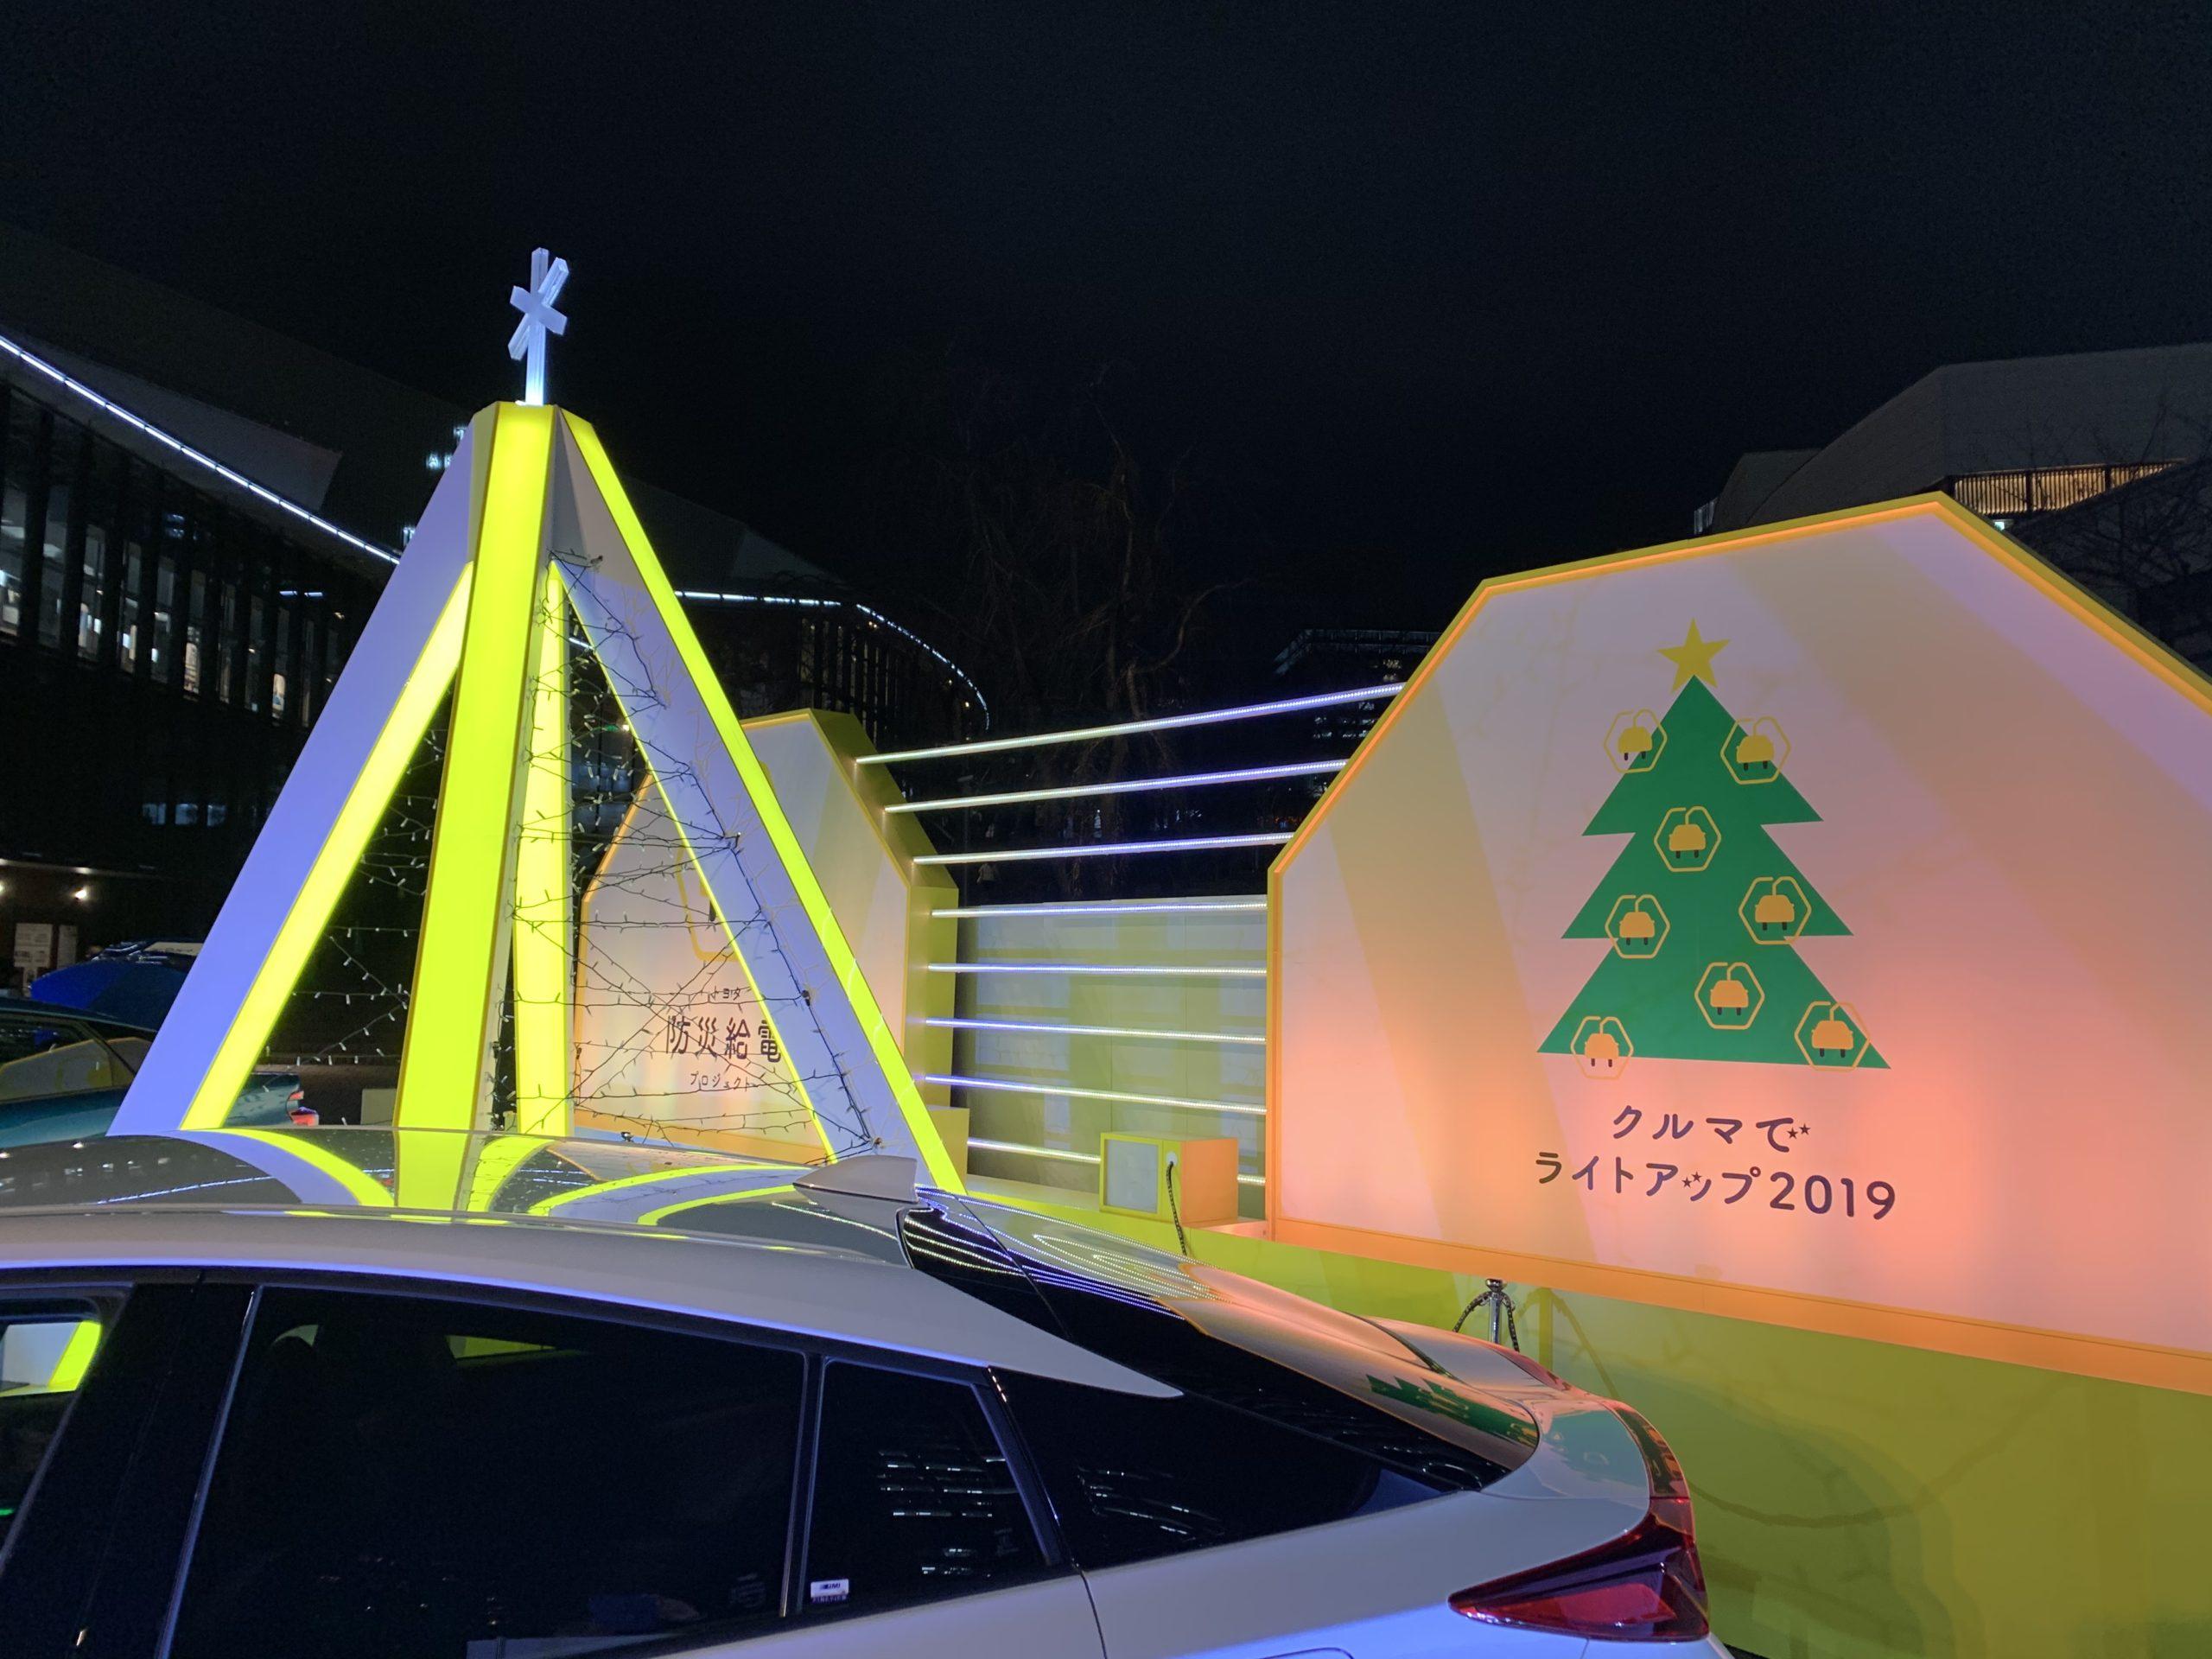 トヨタ防災給電プロジェクト